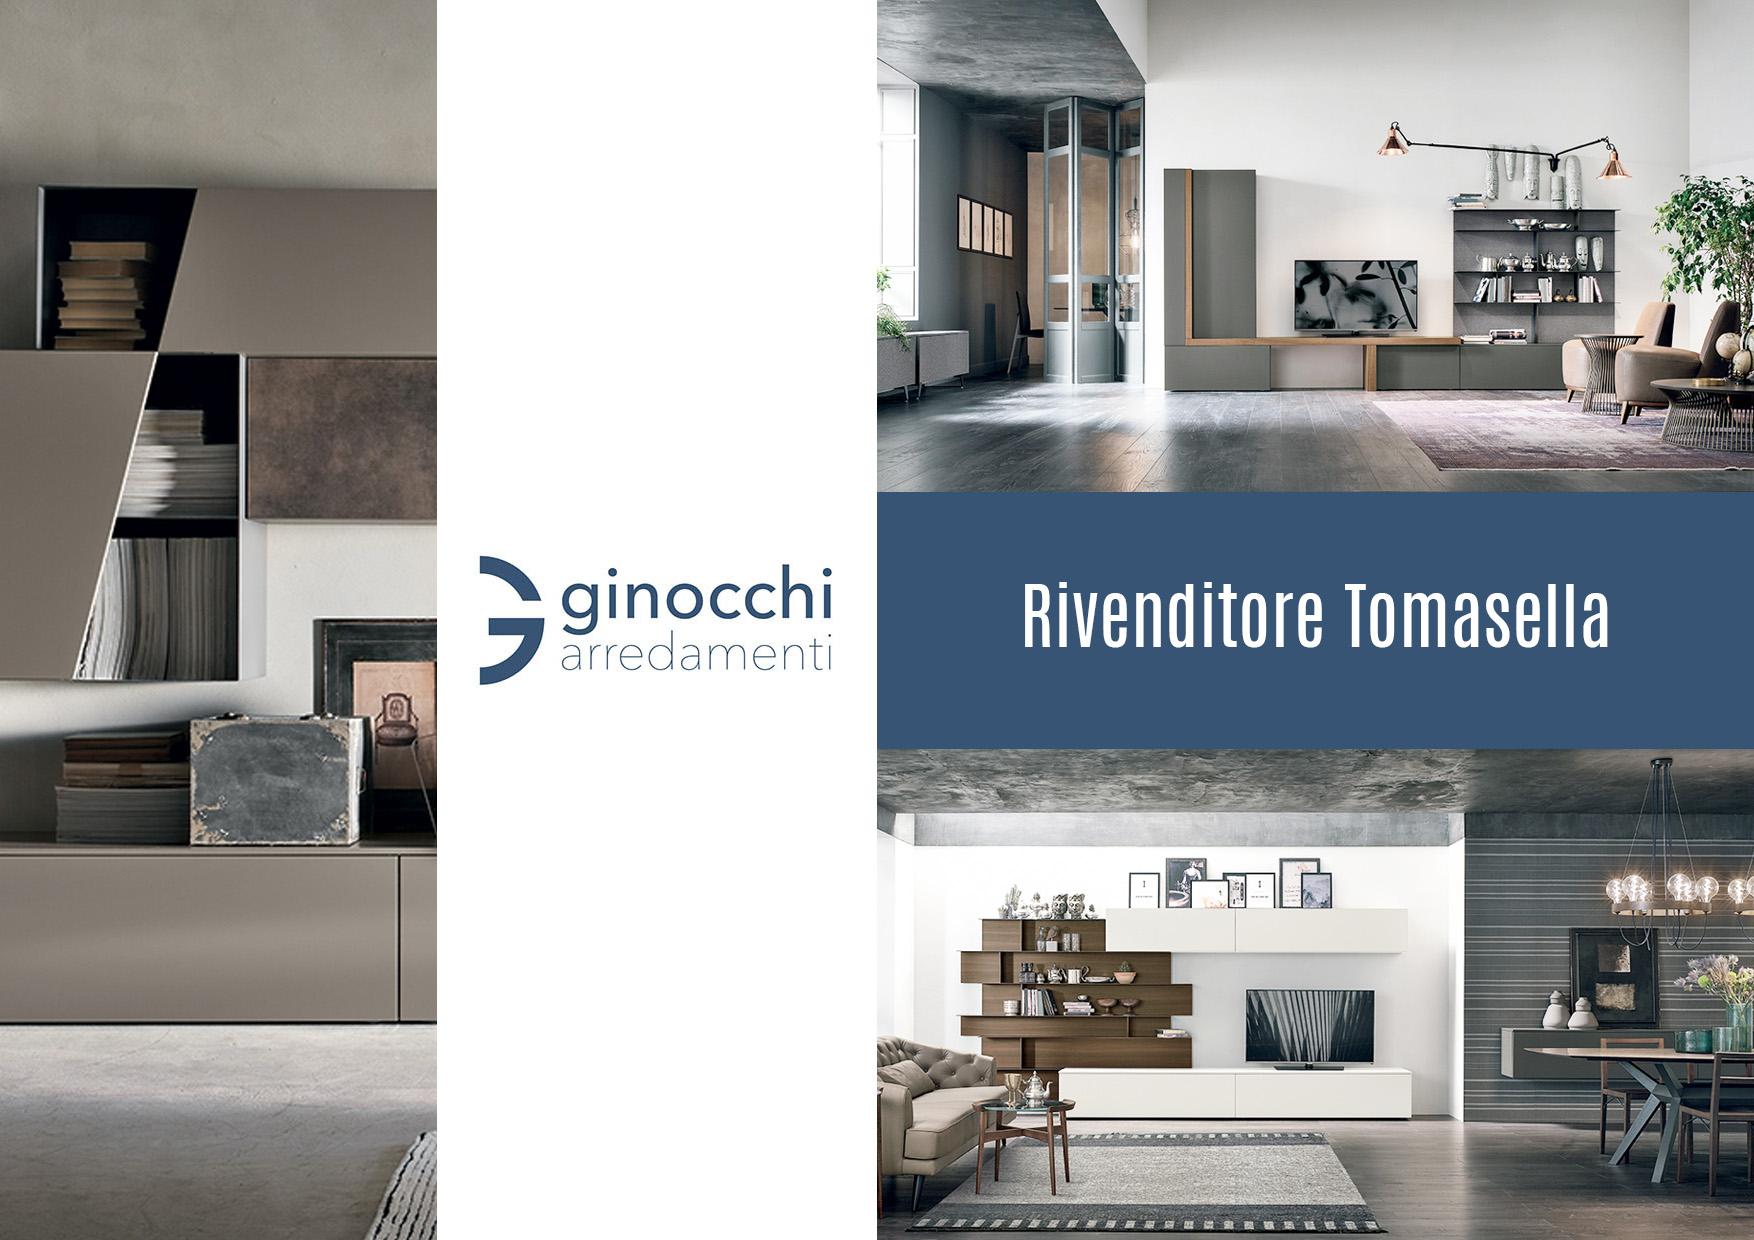 Quadri Moderni Roma Vendita tomasella - rivenditore a roma - ginocchi arredamenti